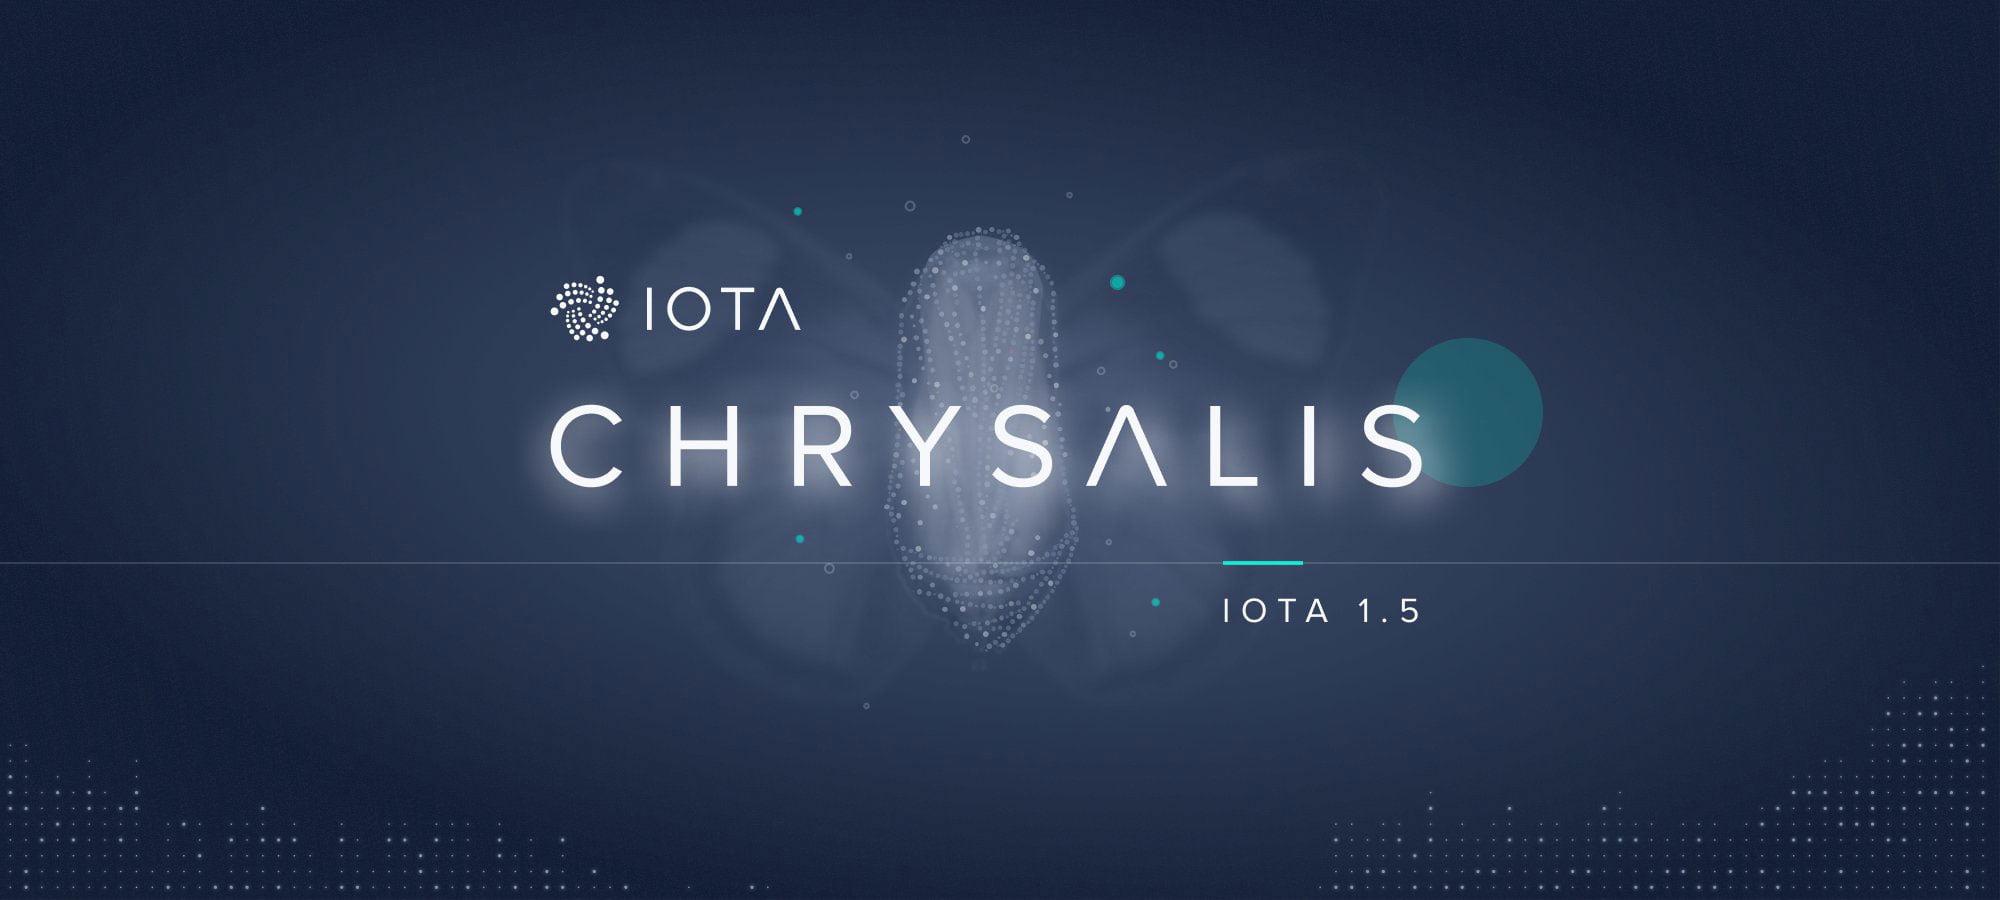 1000 транзакций в секунду. IOTA анонсировала обновление сети